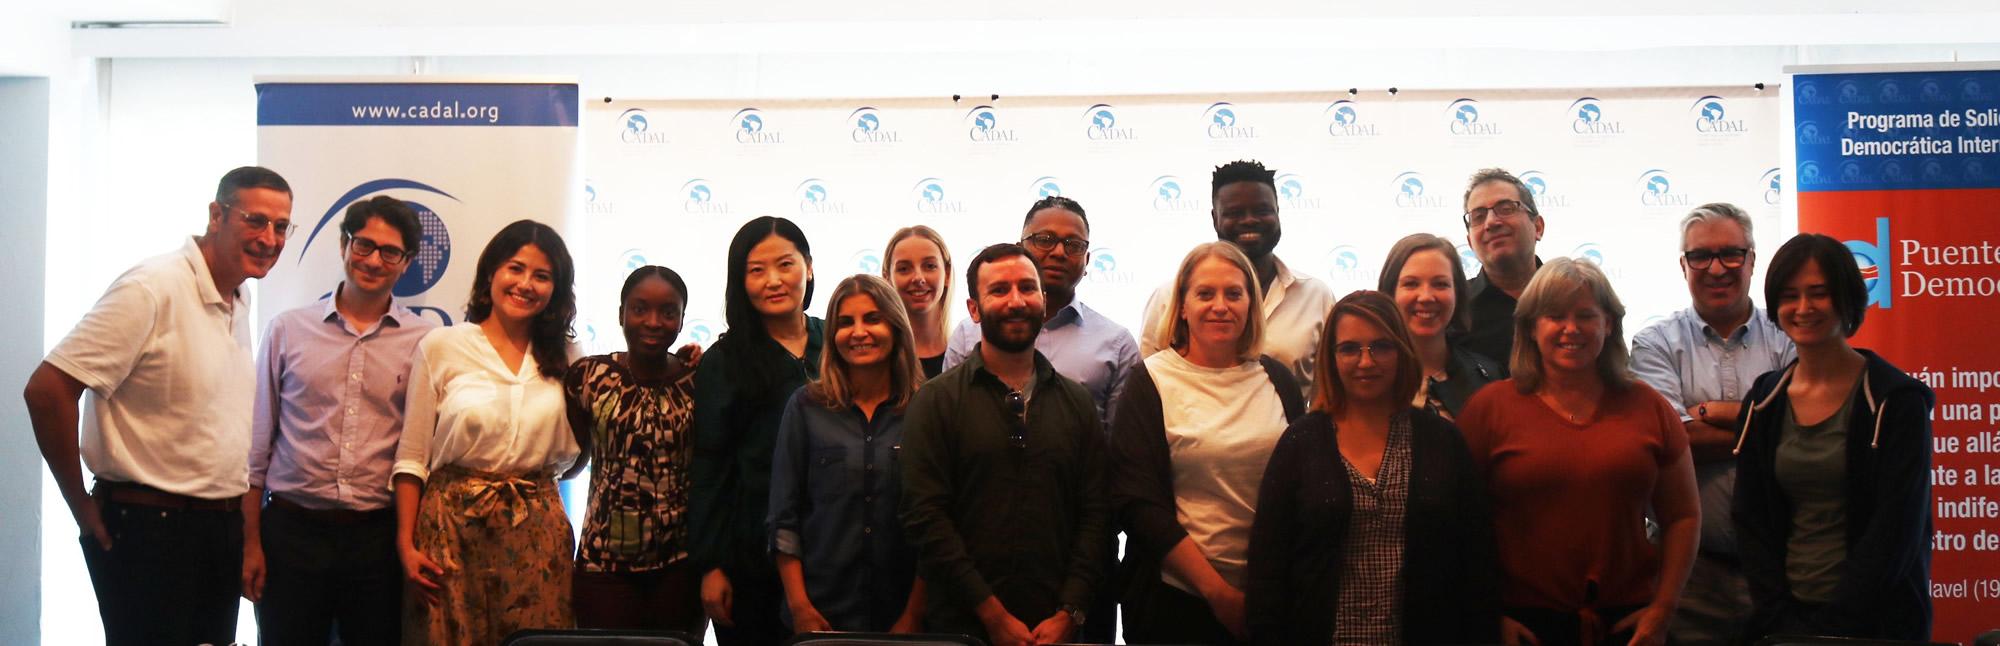 CADAL recibió al equipo administrativo de Human Rights Watch